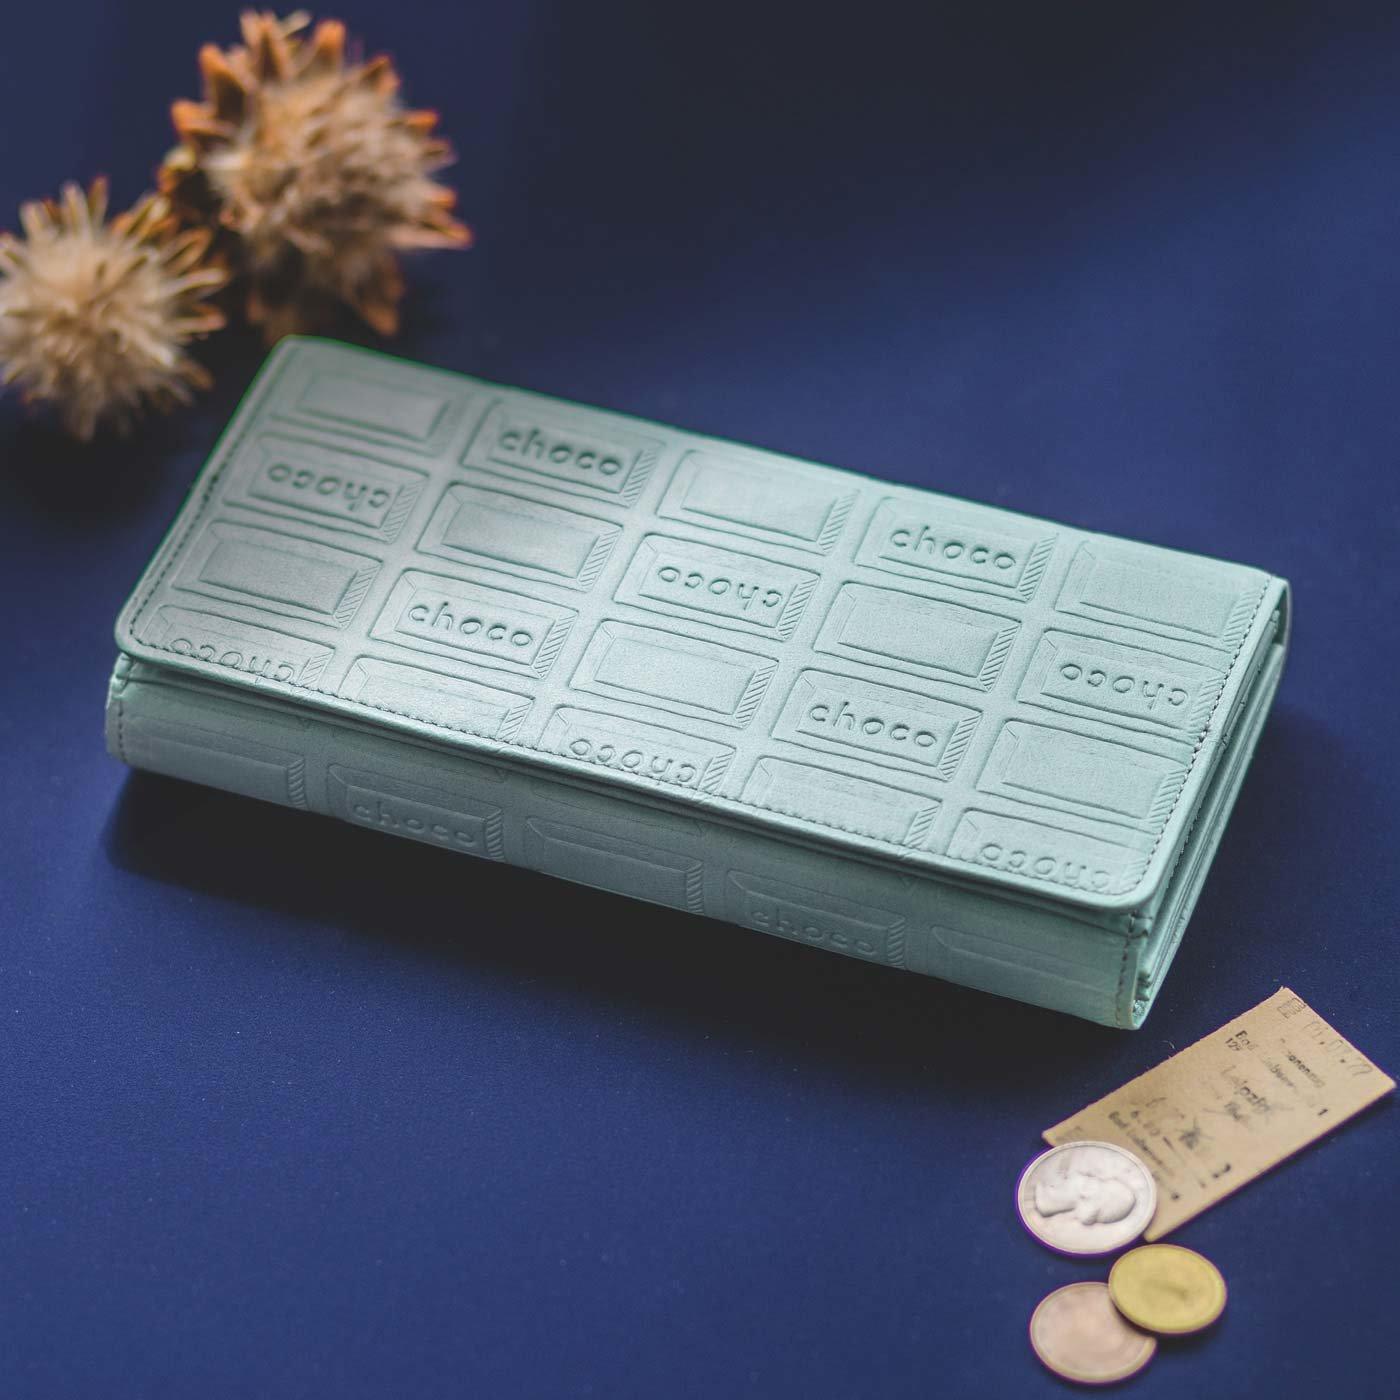 チョコレートバイヤーとコラボ! チョコ型押しで誂(あつら)えた 気配りいっぱい大人長財布〈ブリーズブルー〉[本革 財布:日本製]